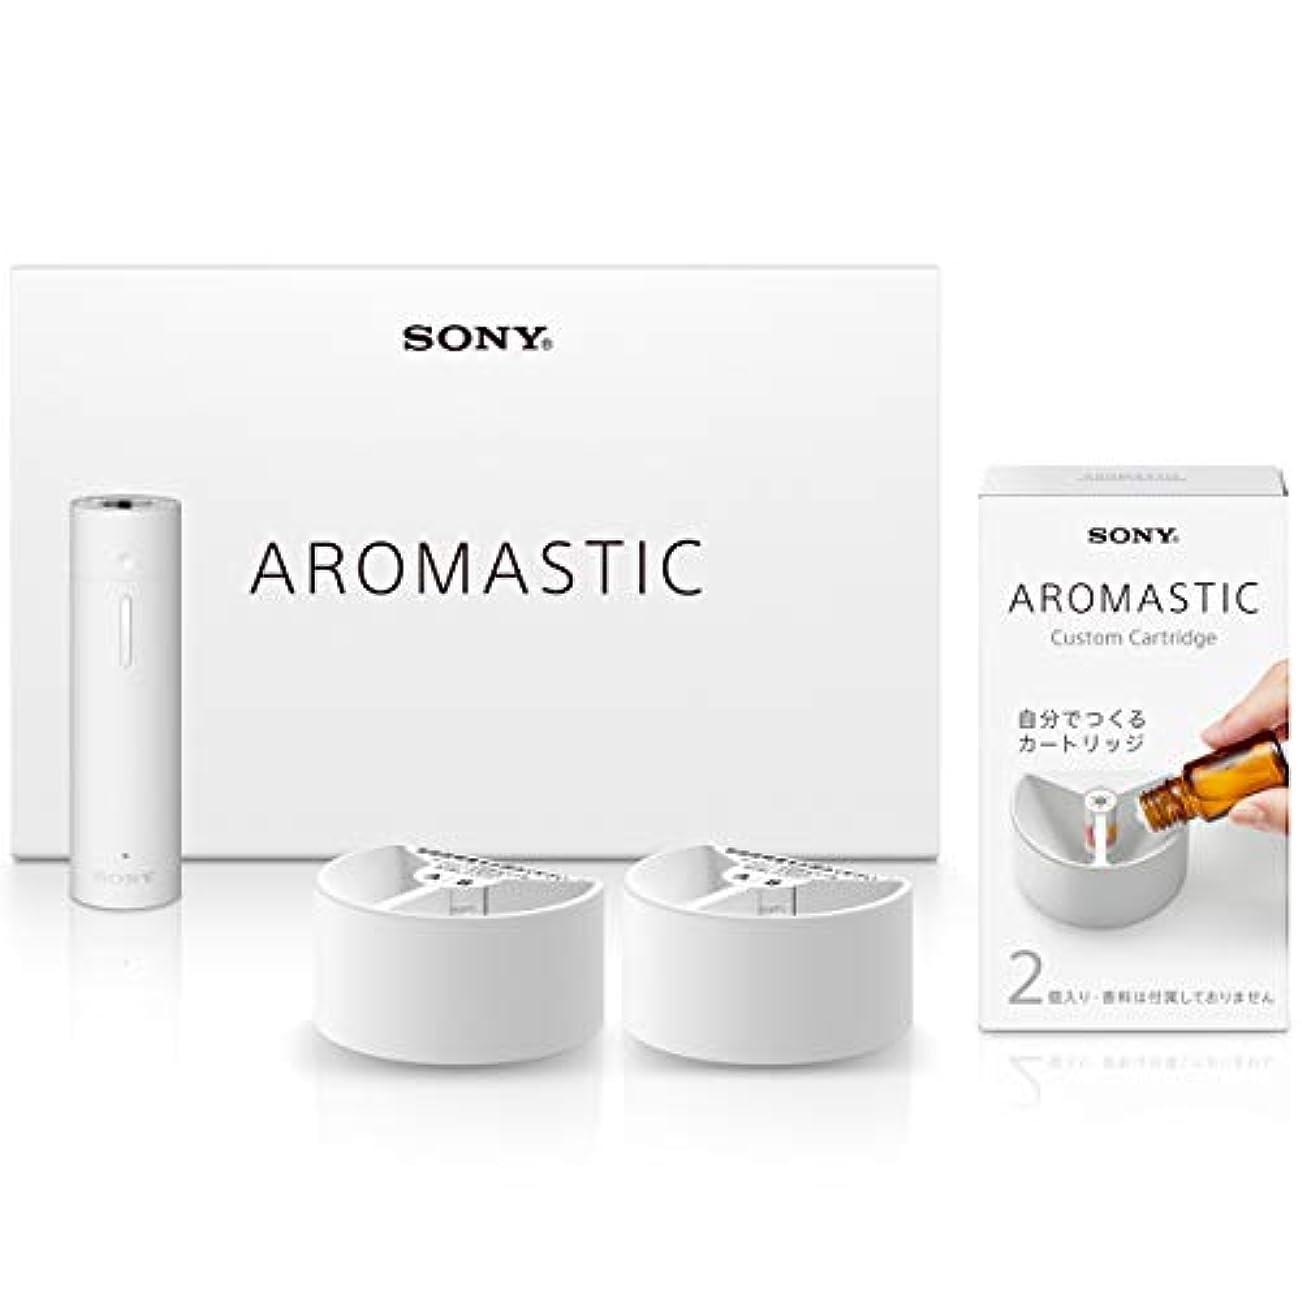 会計調整熟読AROMASTIC Gift Box(ギフトボックス) W001